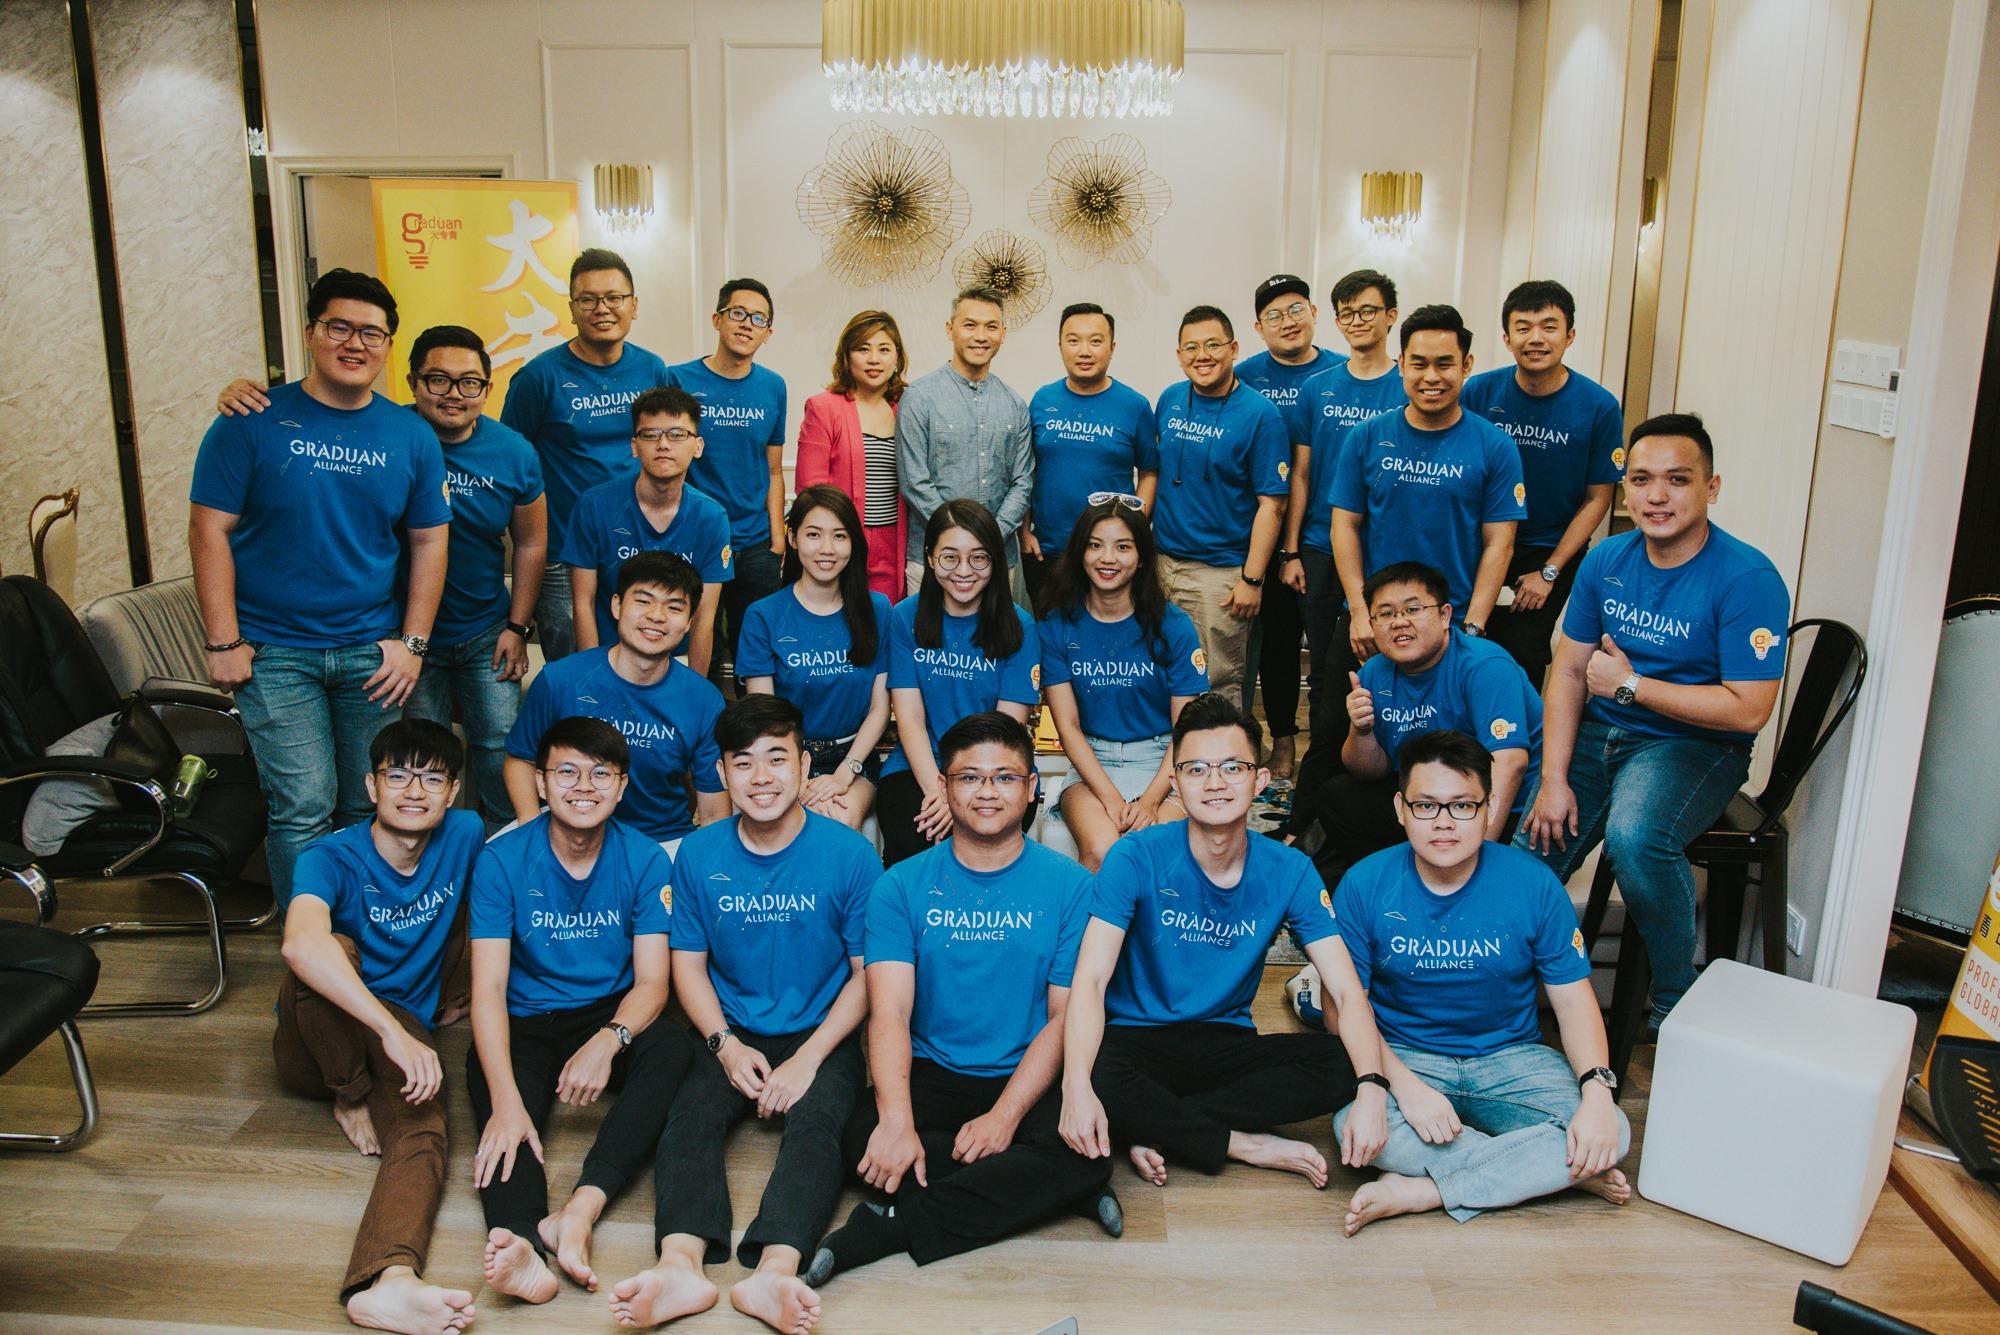 Graduan Committee